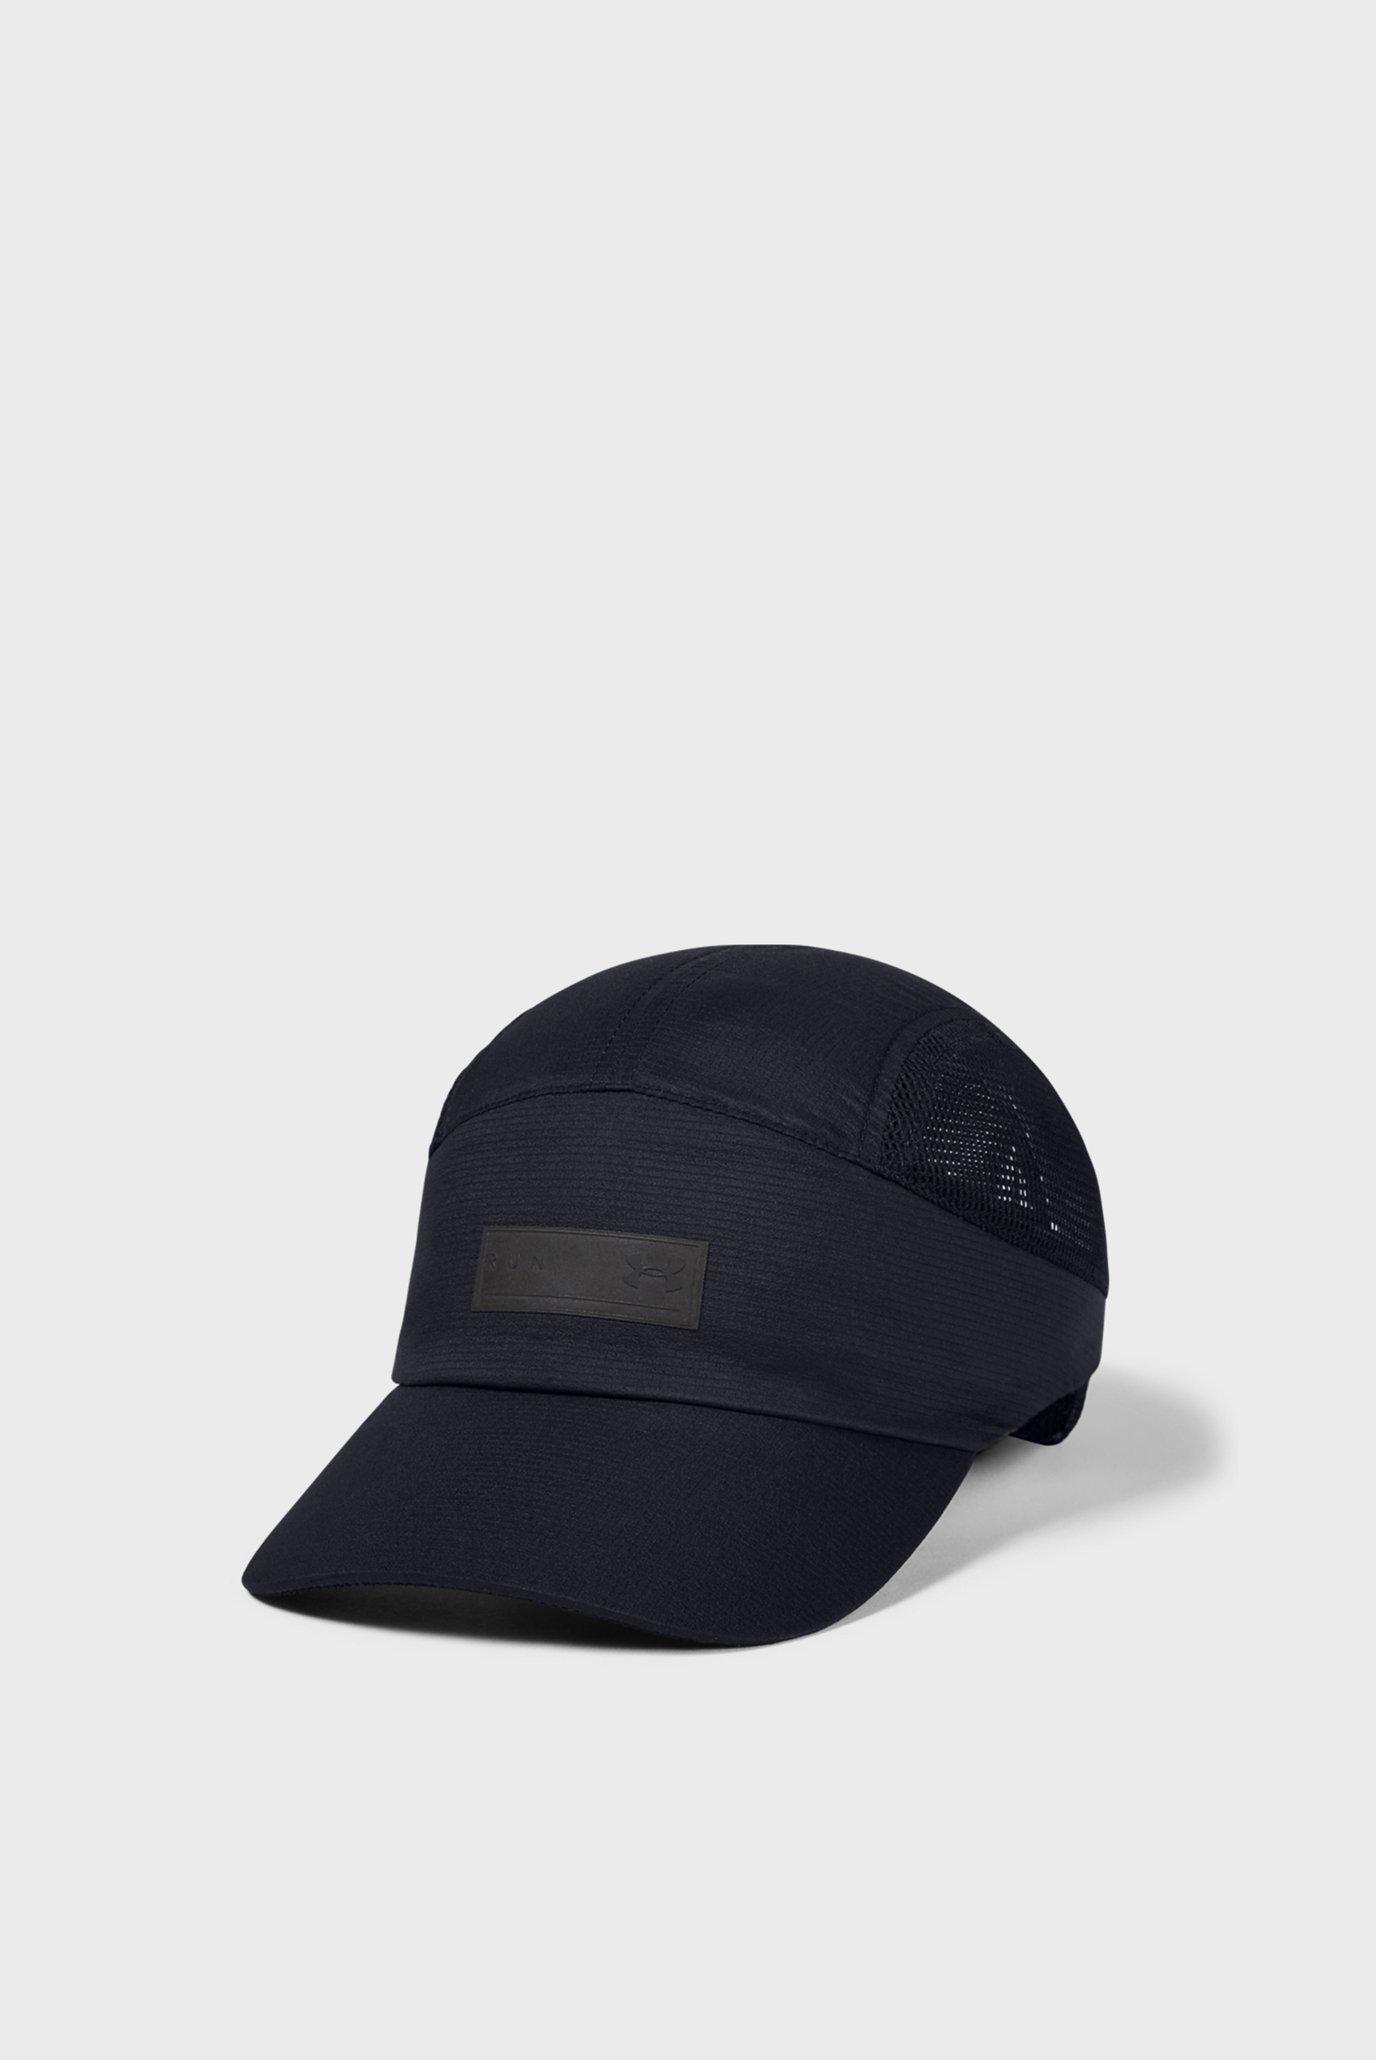 Чорна кепка Isochill Run Dash-BLK 1